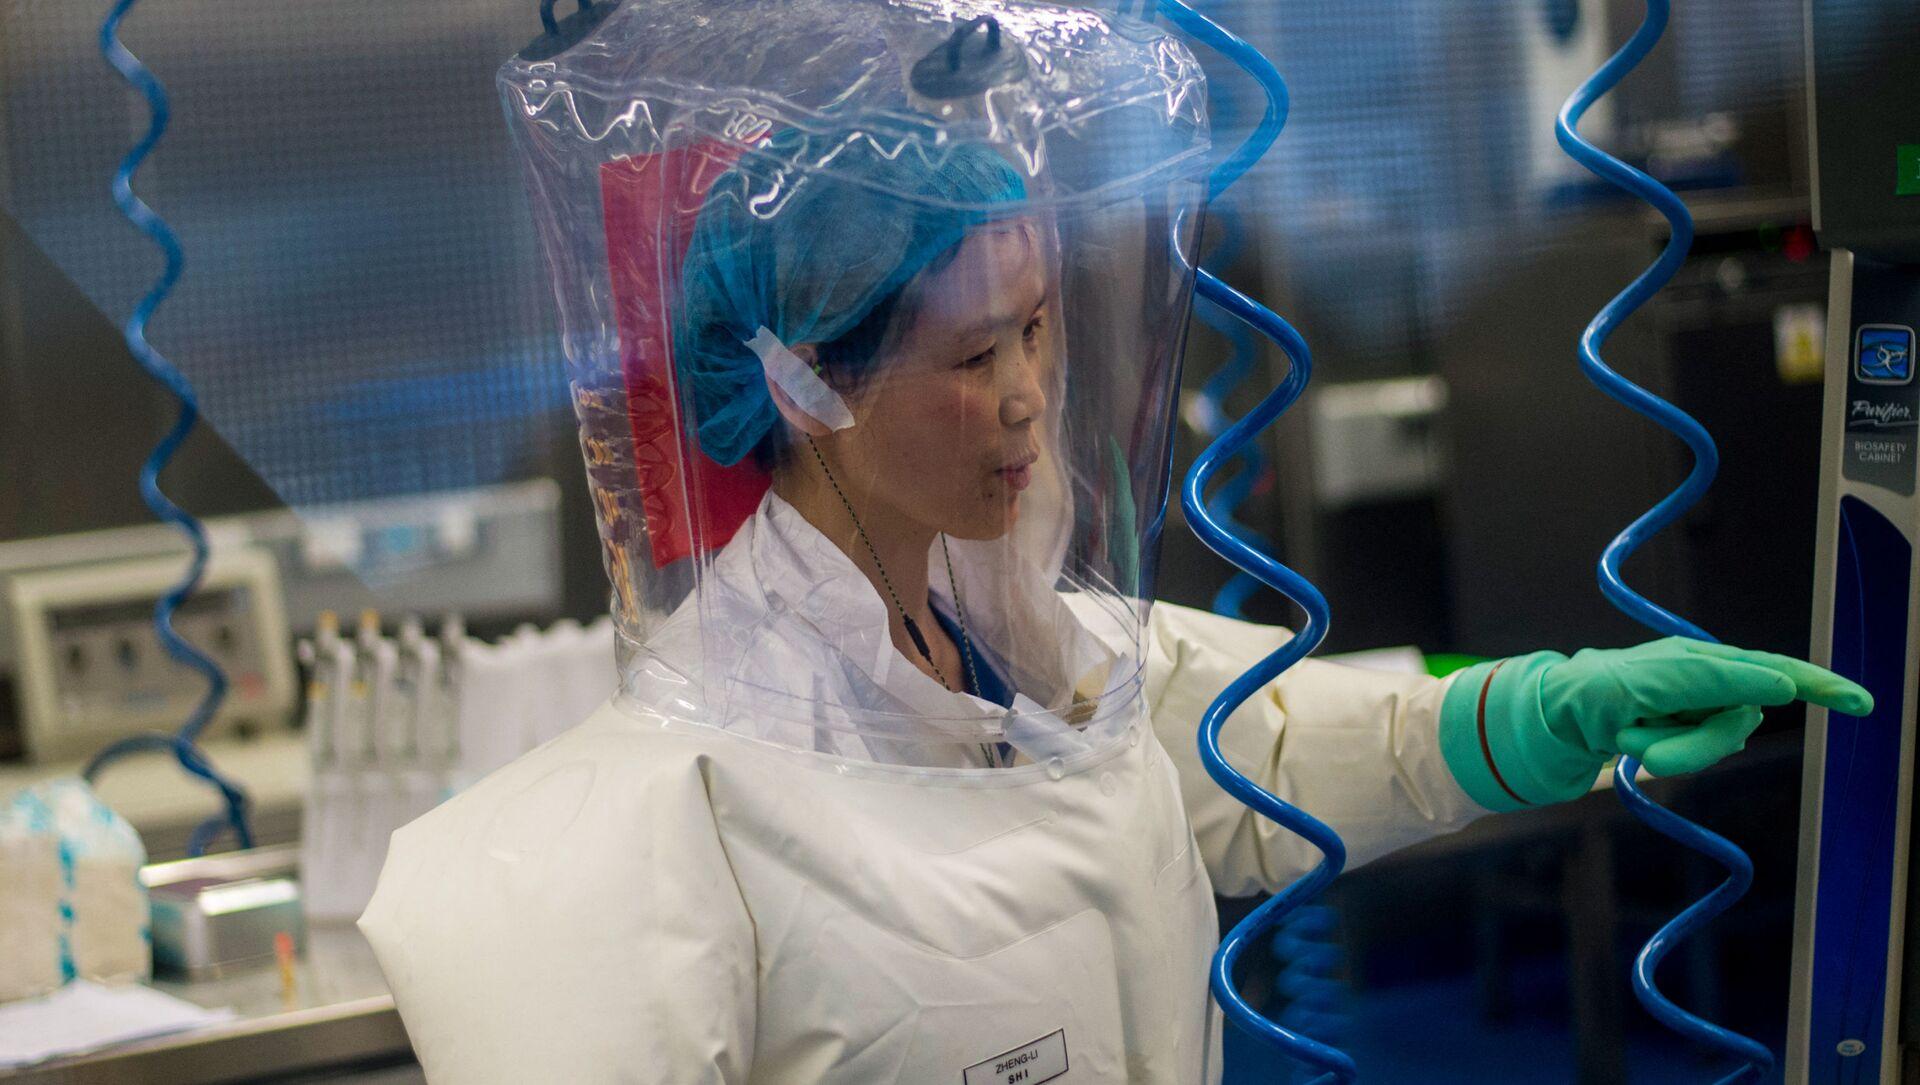 中国の武漢ウイルス研究所  - Sputnik 日本, 1920, 22.07.2021